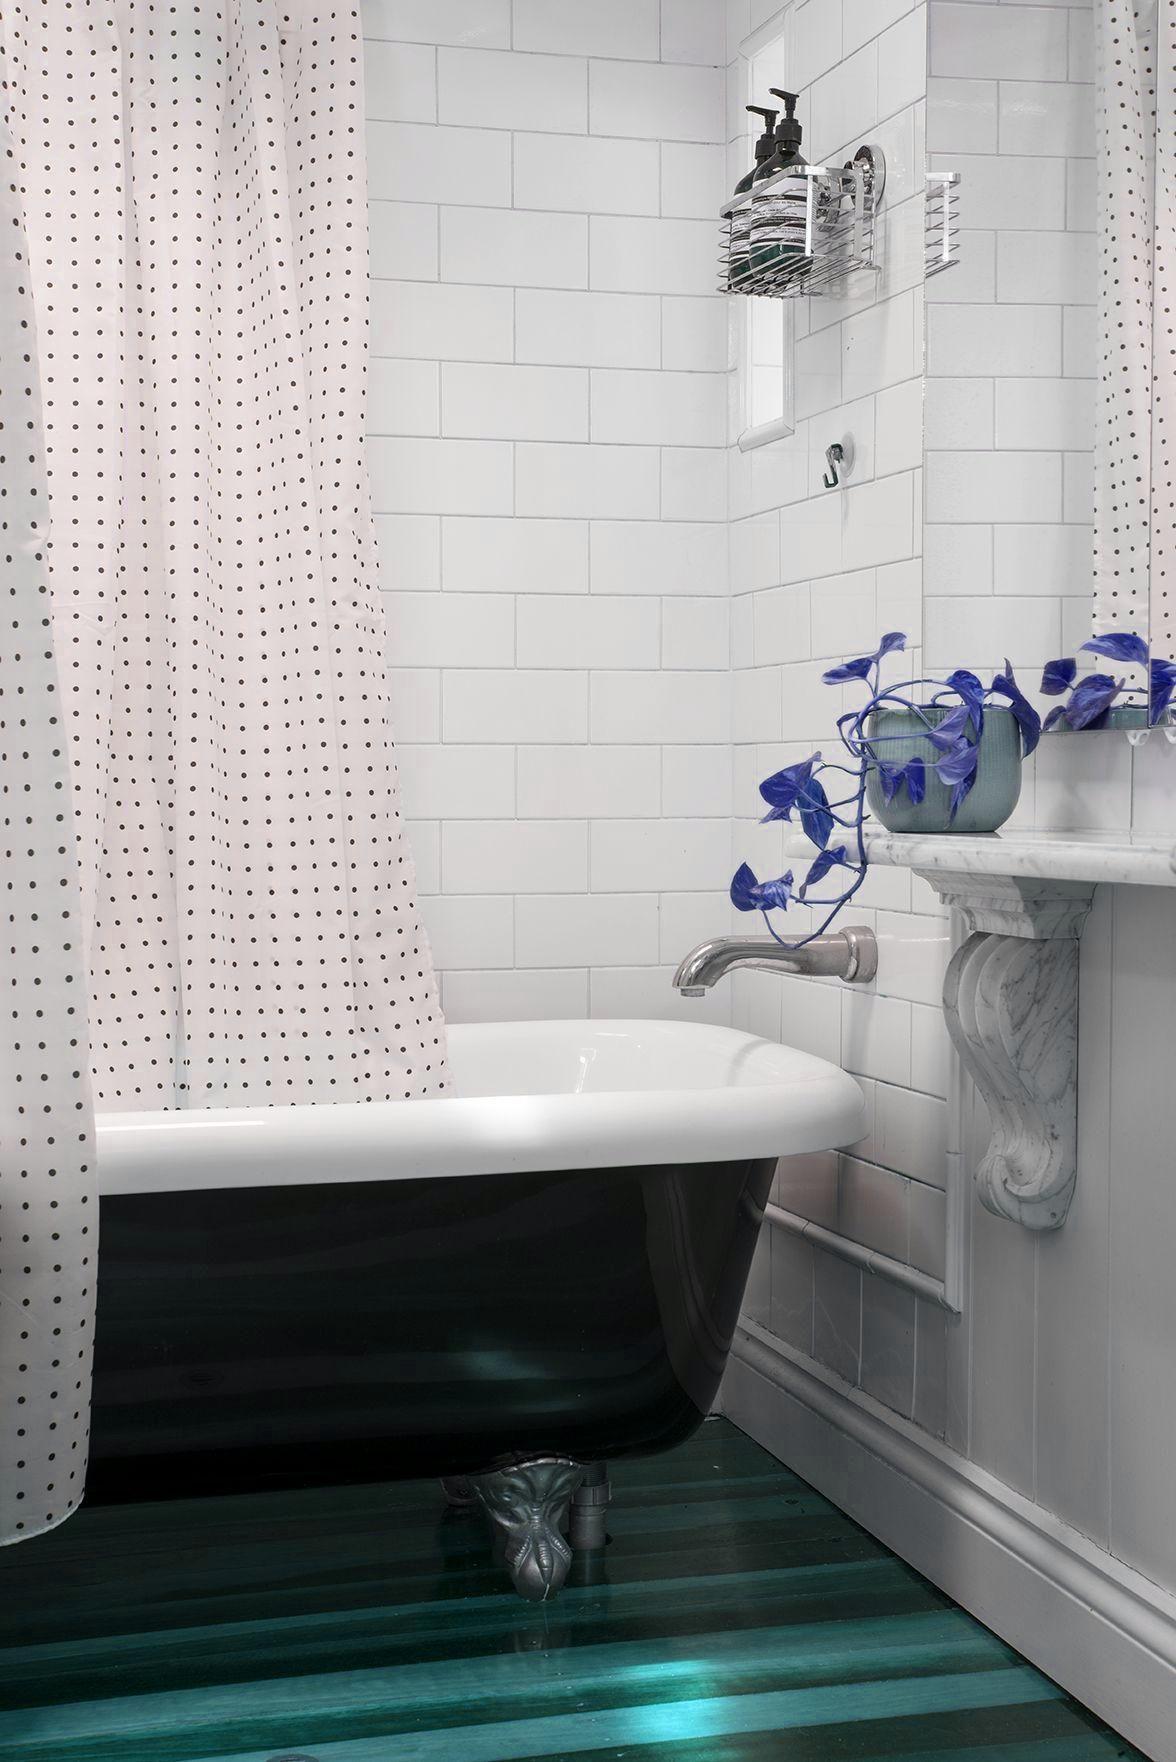 Photo of Home Interior Apartment Classic bathroom details.Home Interior Apartment  Classi…